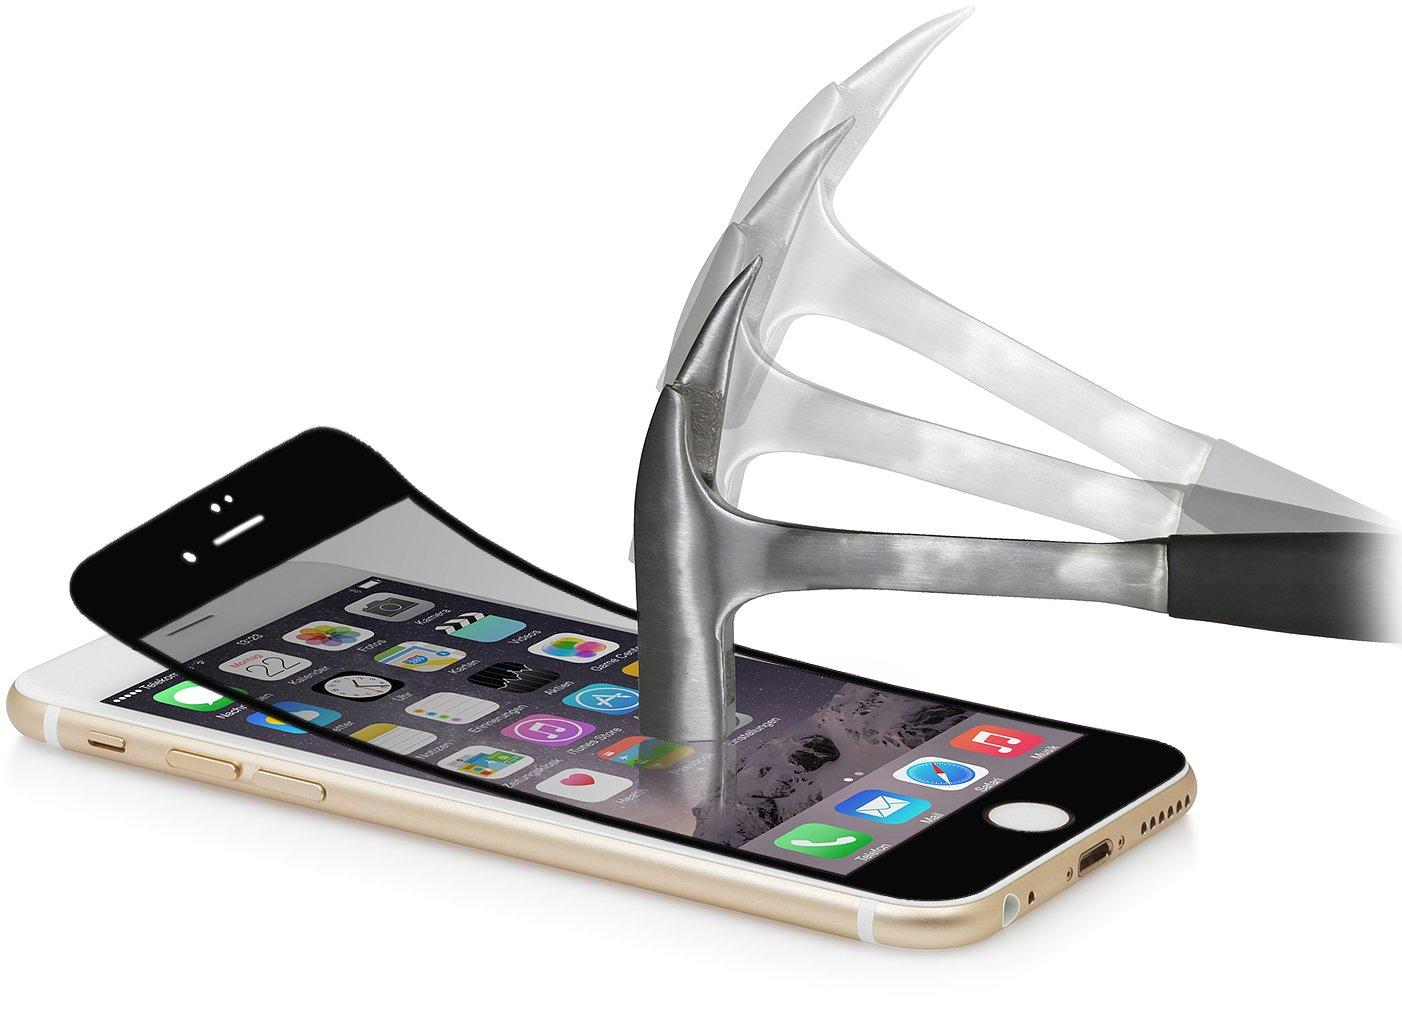 StilGut® protector de pantalla de cristal para el iPhone 6 Plus (5.5) (2 ejemplares), con ribete negro - Electrónica - Más información y revisión del cliente